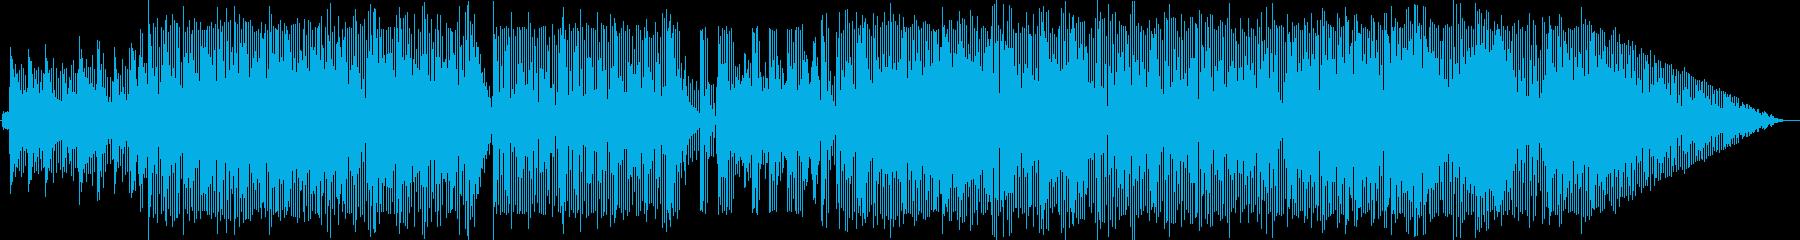 ポップ。キャッチーな歌。メロディックの再生済みの波形